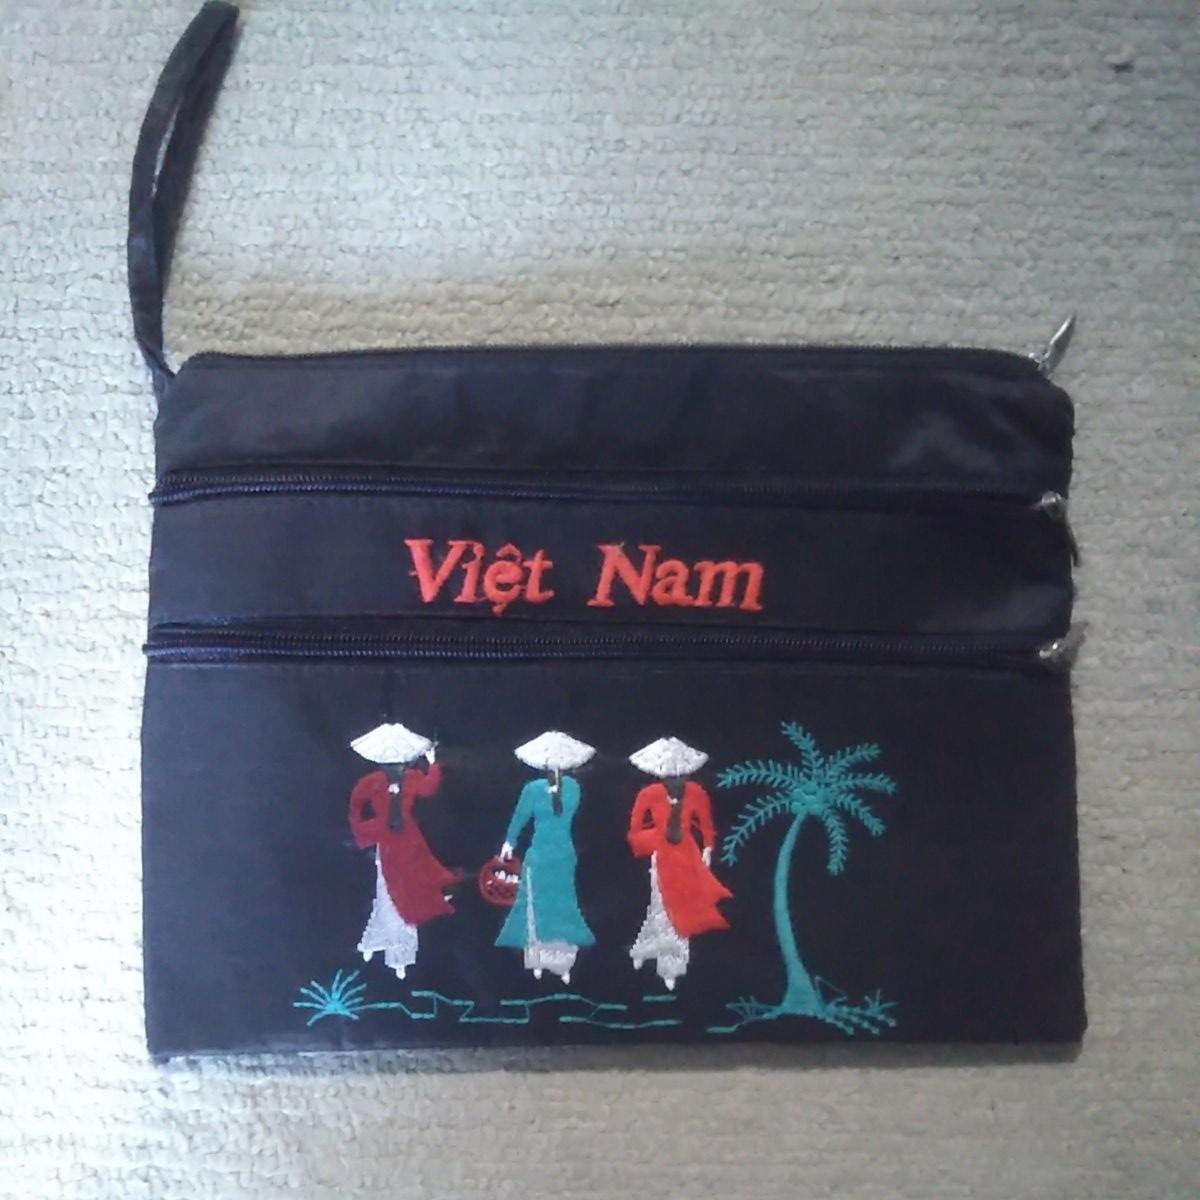 ポーチ 小物入れ ベトナム土産 黒サテン生地 刺繍 3ポケット